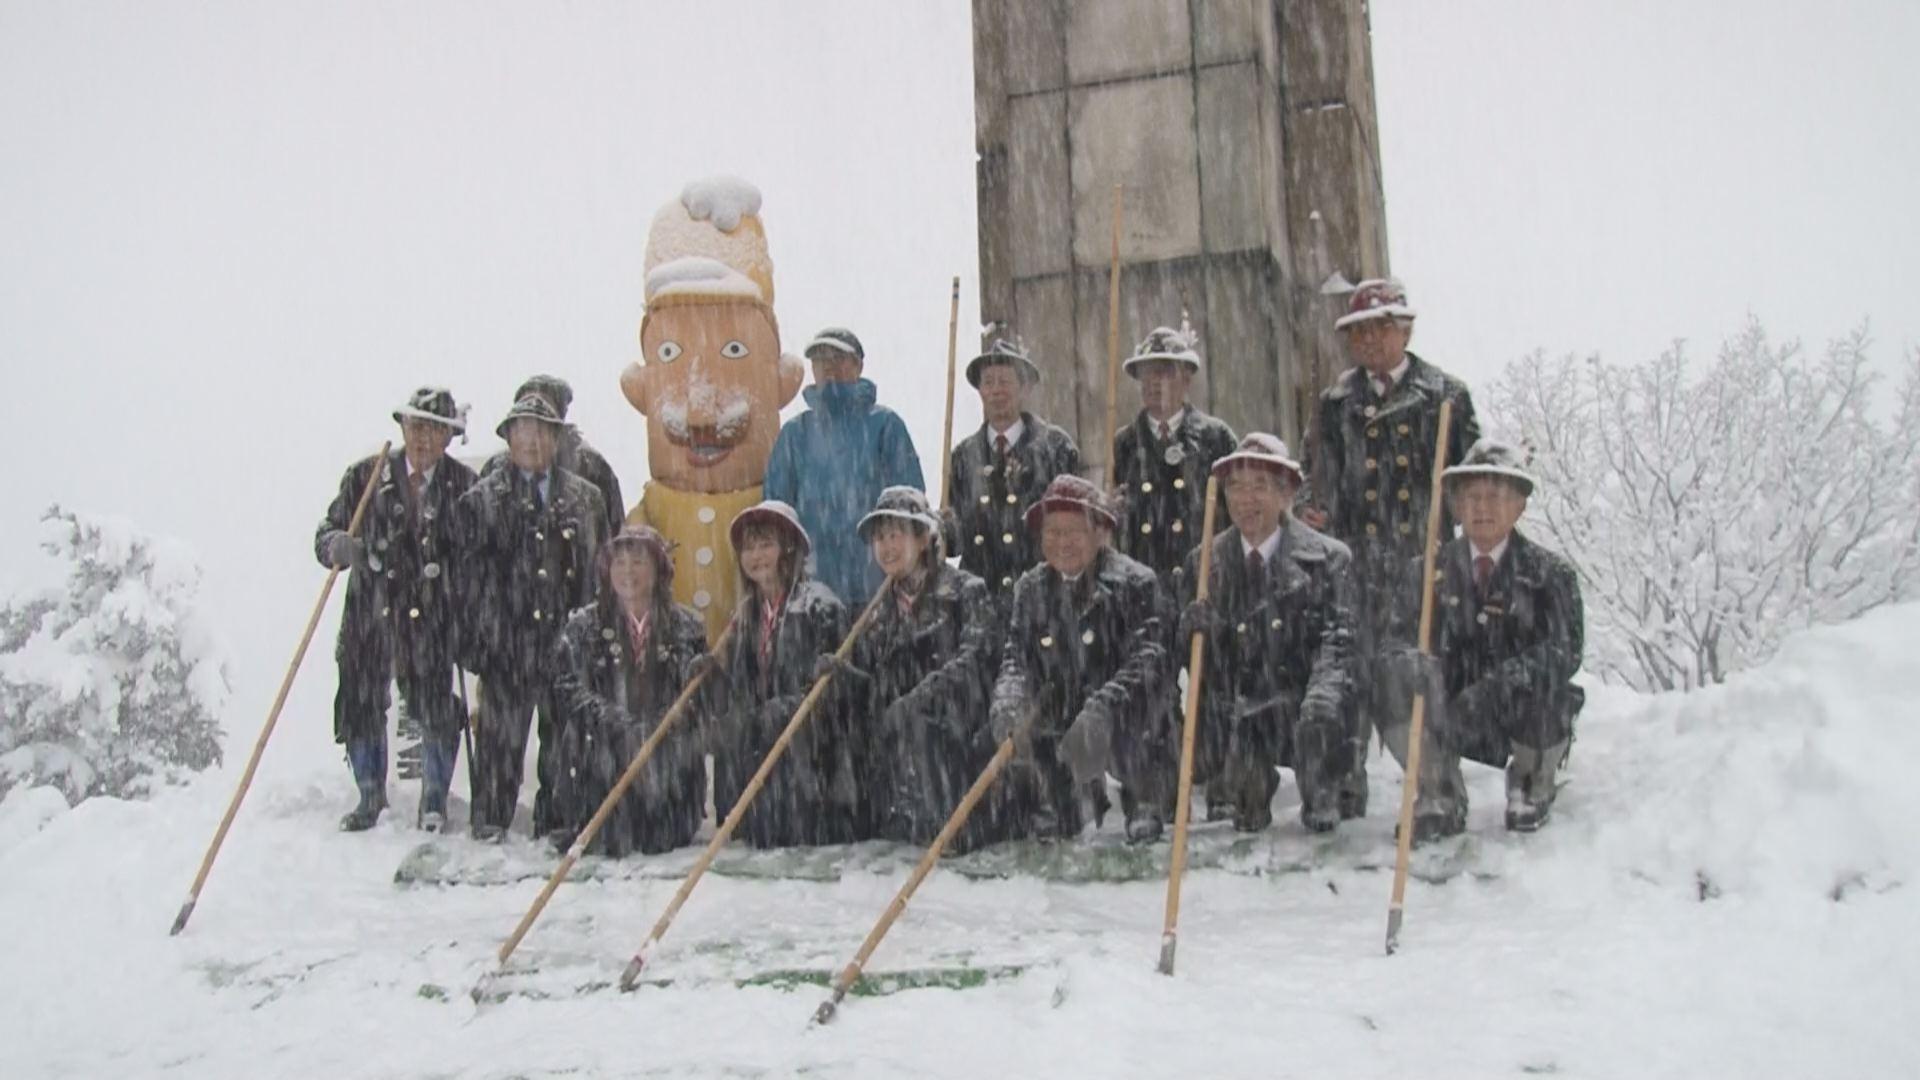 180112_スキーの日 レルヒ少佐顕彰会